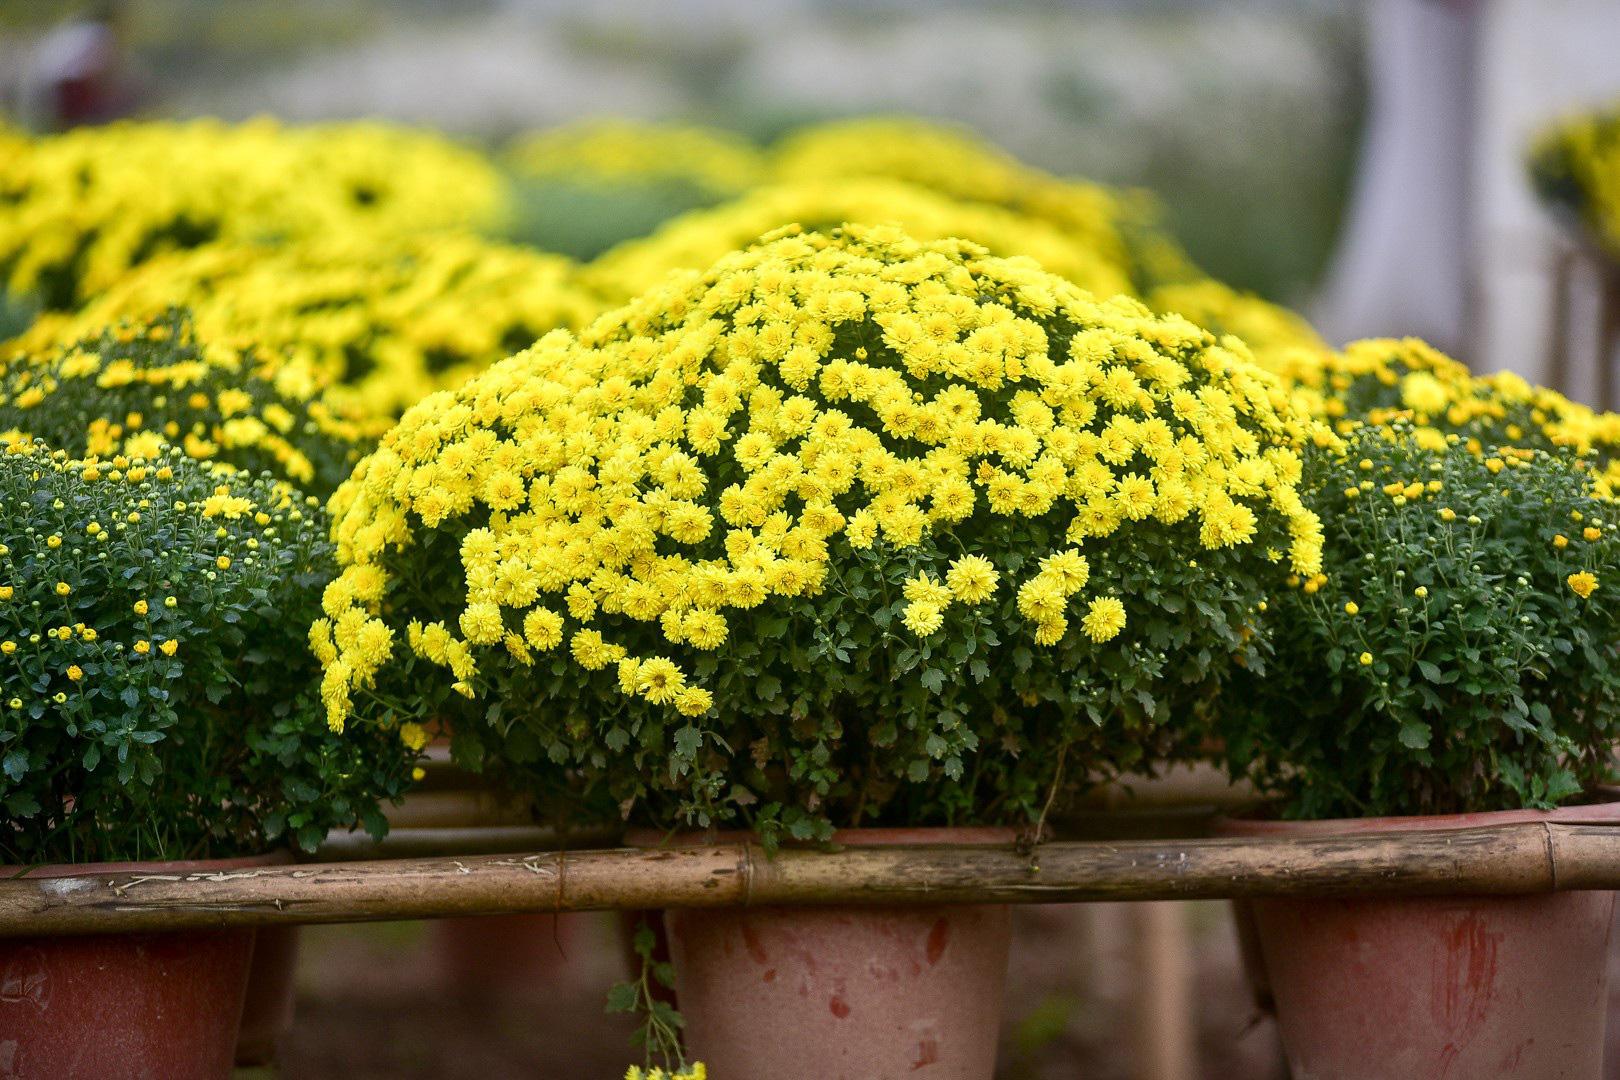 Những cây hoa hợp phong thủy không thể thiếu trong nhà ngày Tết - Ảnh 3.